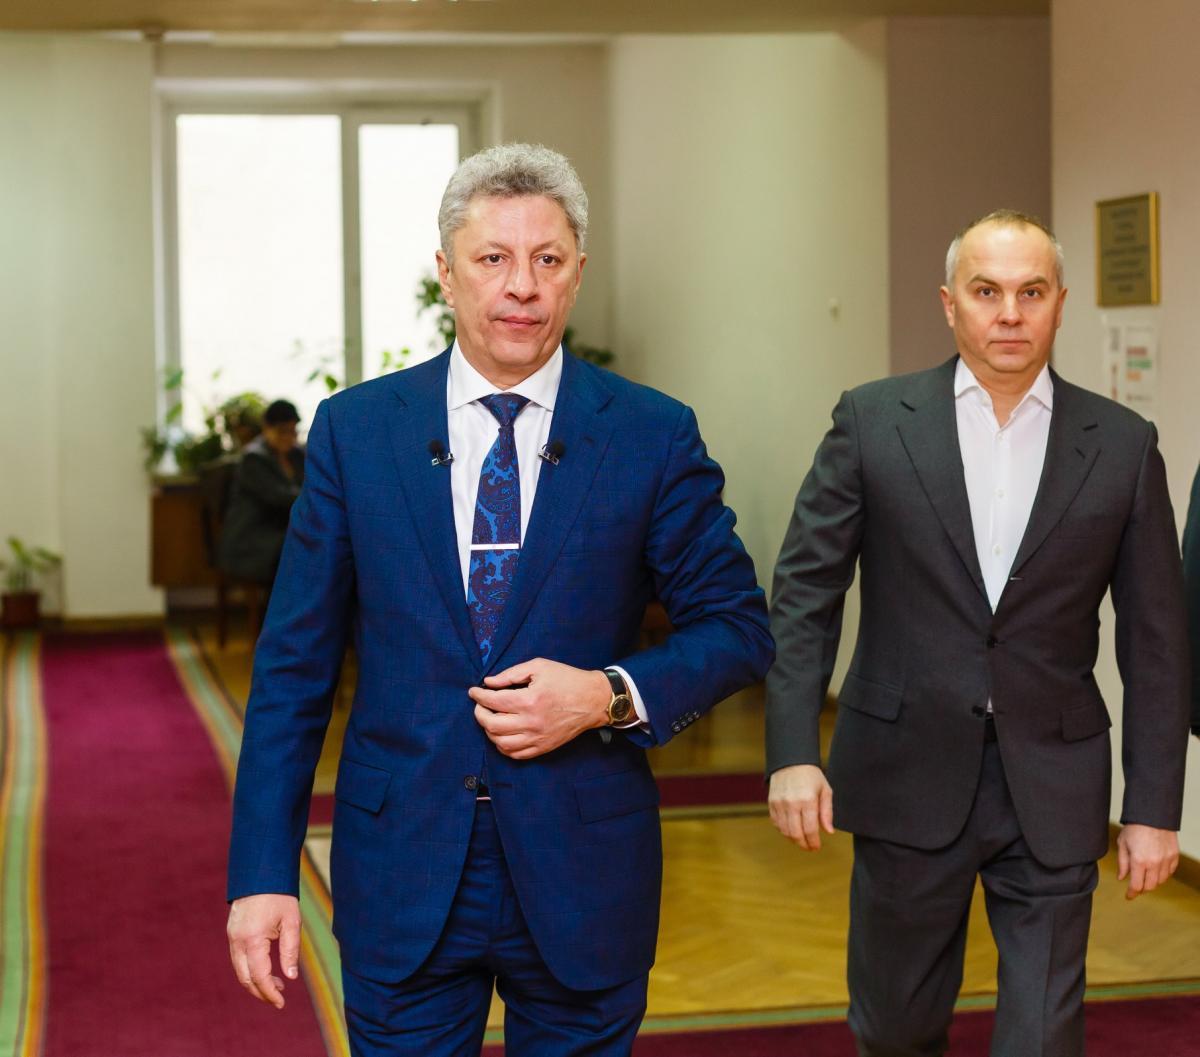 Бойко и Шуфрич уверяли Time, что Украина вмешивалась в выборы США / пресс-служба Нестора Шуфрича